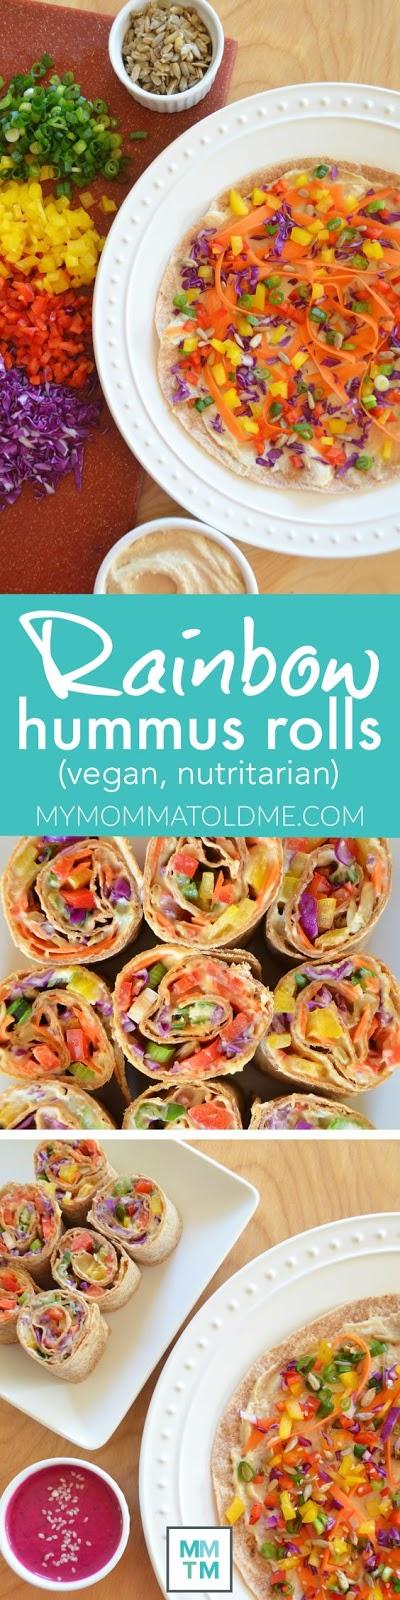 Rainbow Hummus Rolls